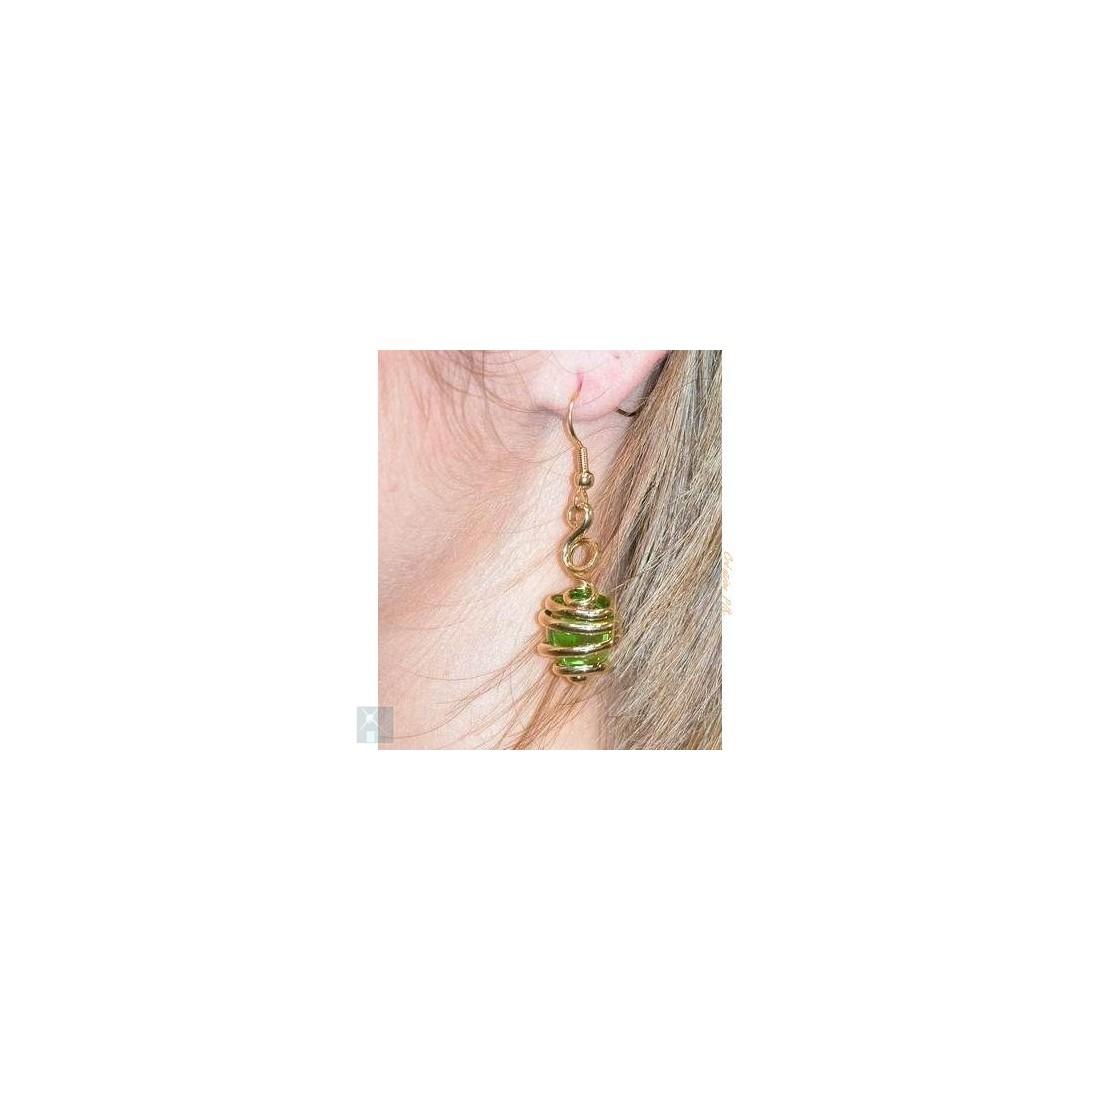 Boucles d'oreilles dorées de créateur, vert pâle.